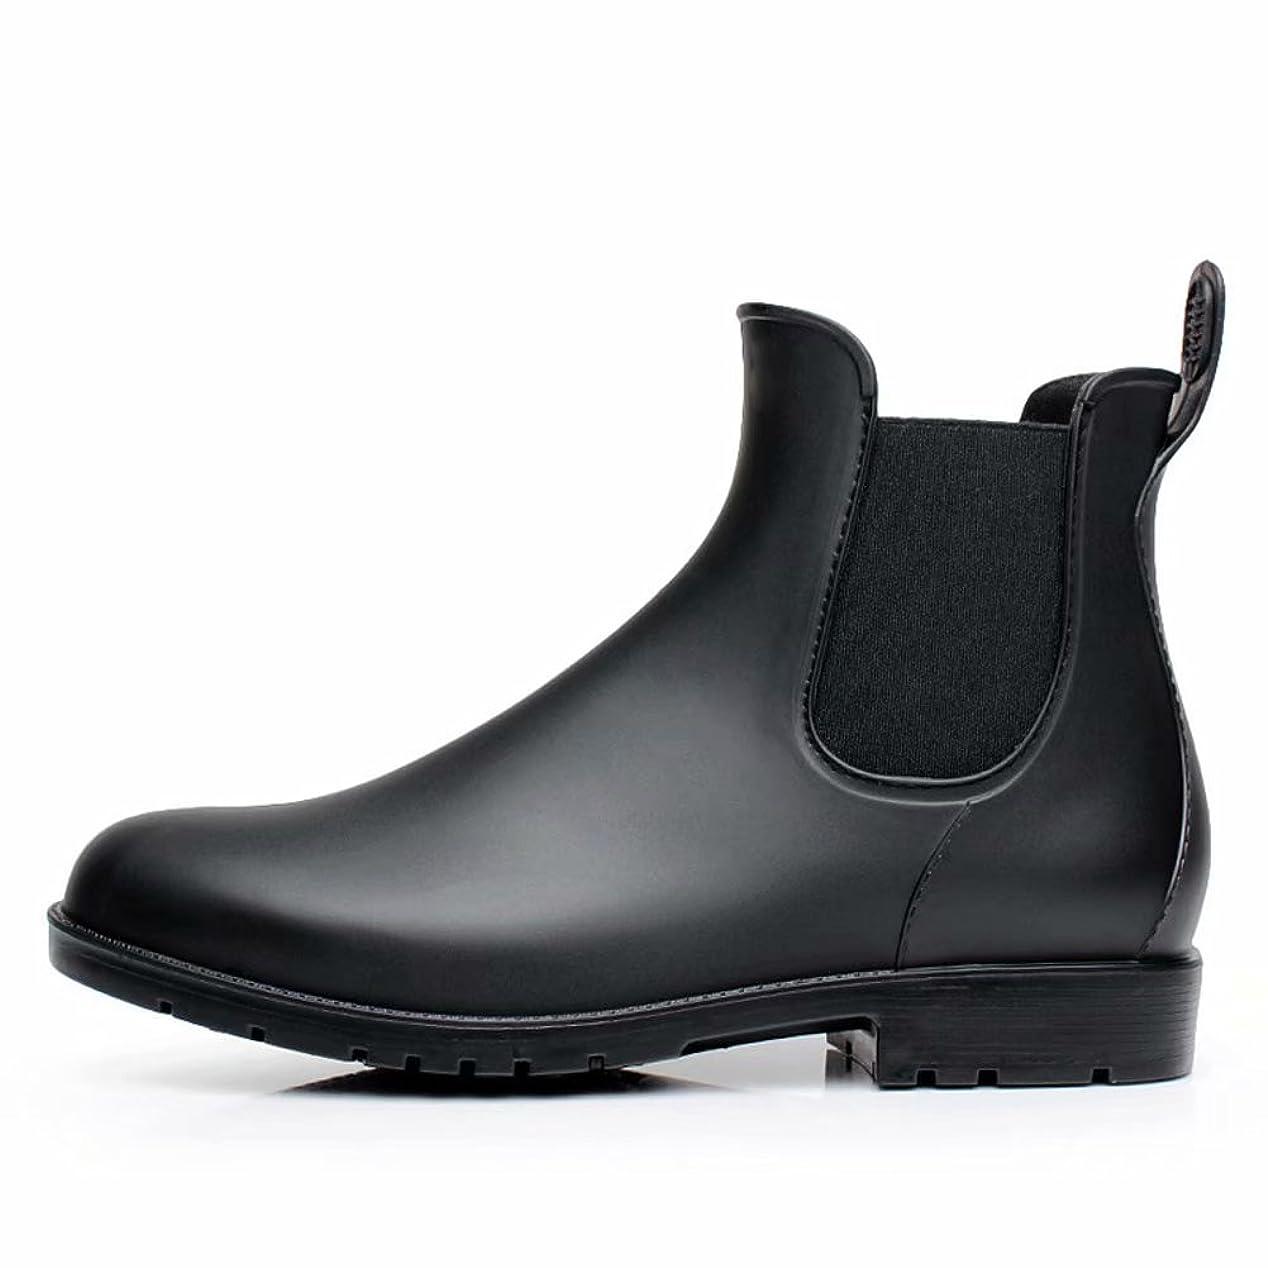 降下川優しさ[InitialG] [eleitchtee] イニシャルジー レインシューズ レディース サイドゴア レインブーツ ブーティー 雨靴 ショートブーツ 防水 作業靴 008-ym-u102